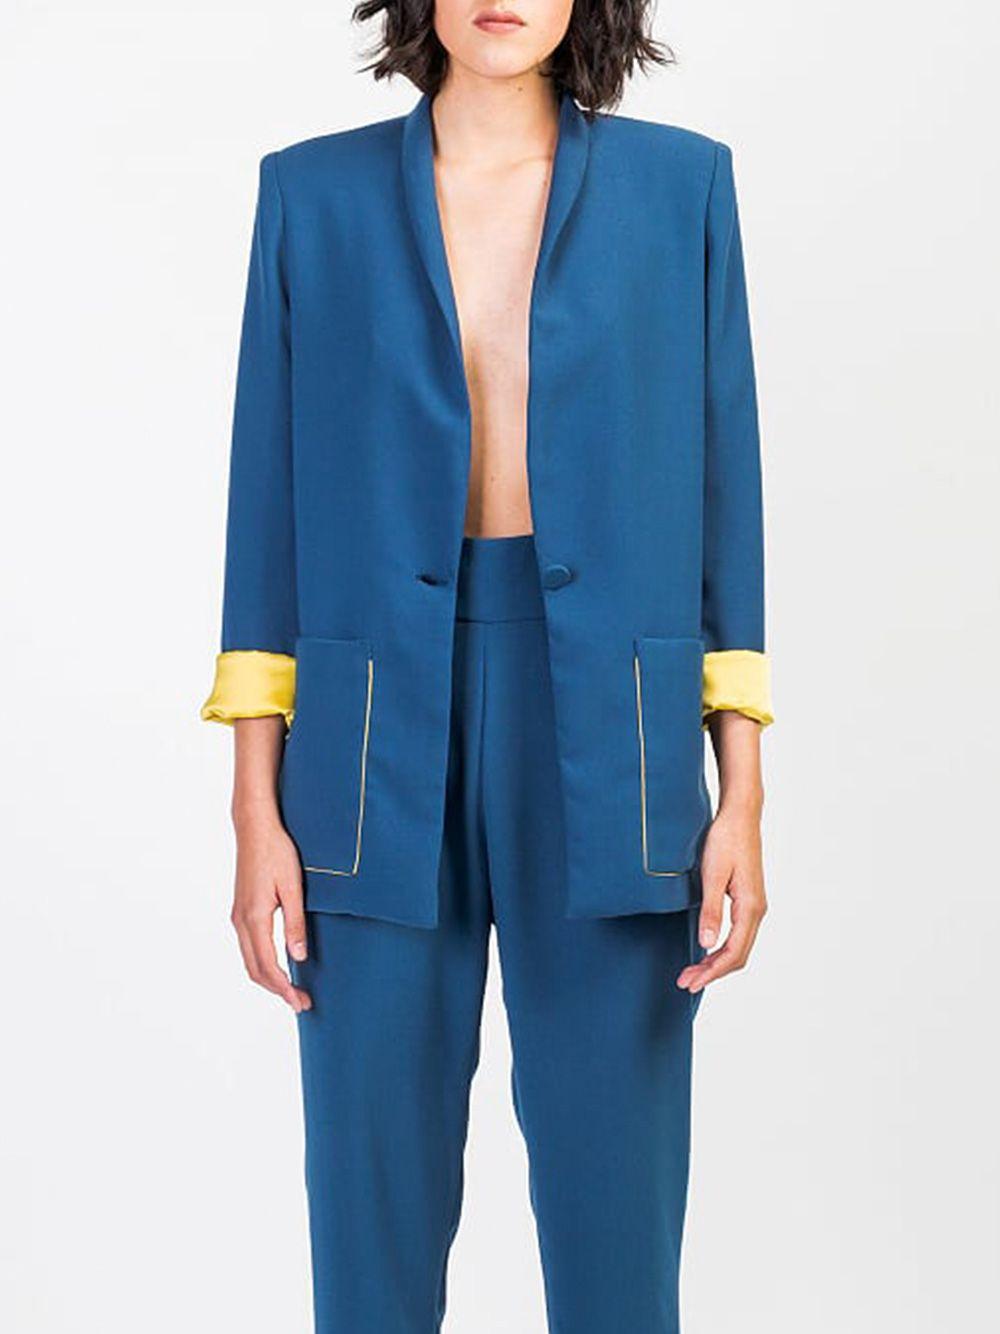 Blazer Vega Azul | Hyena Tailor Made